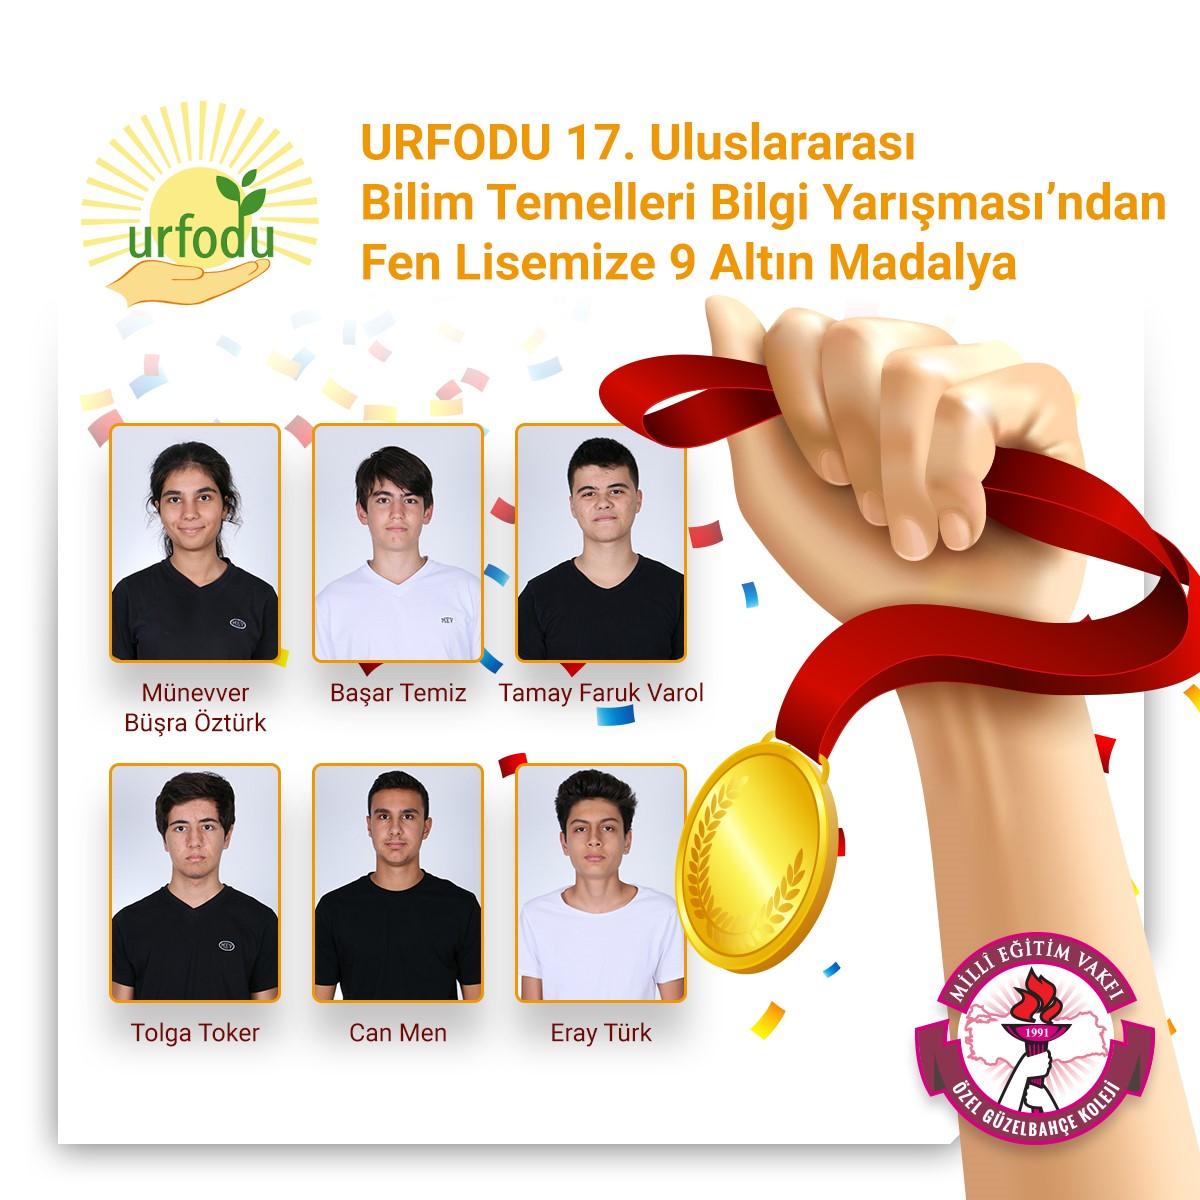 URFODU 17. Uluslararası Bilim Temelleri Bilgi Yarışması'ndan Fen Lisemize 9 Altın Madalya